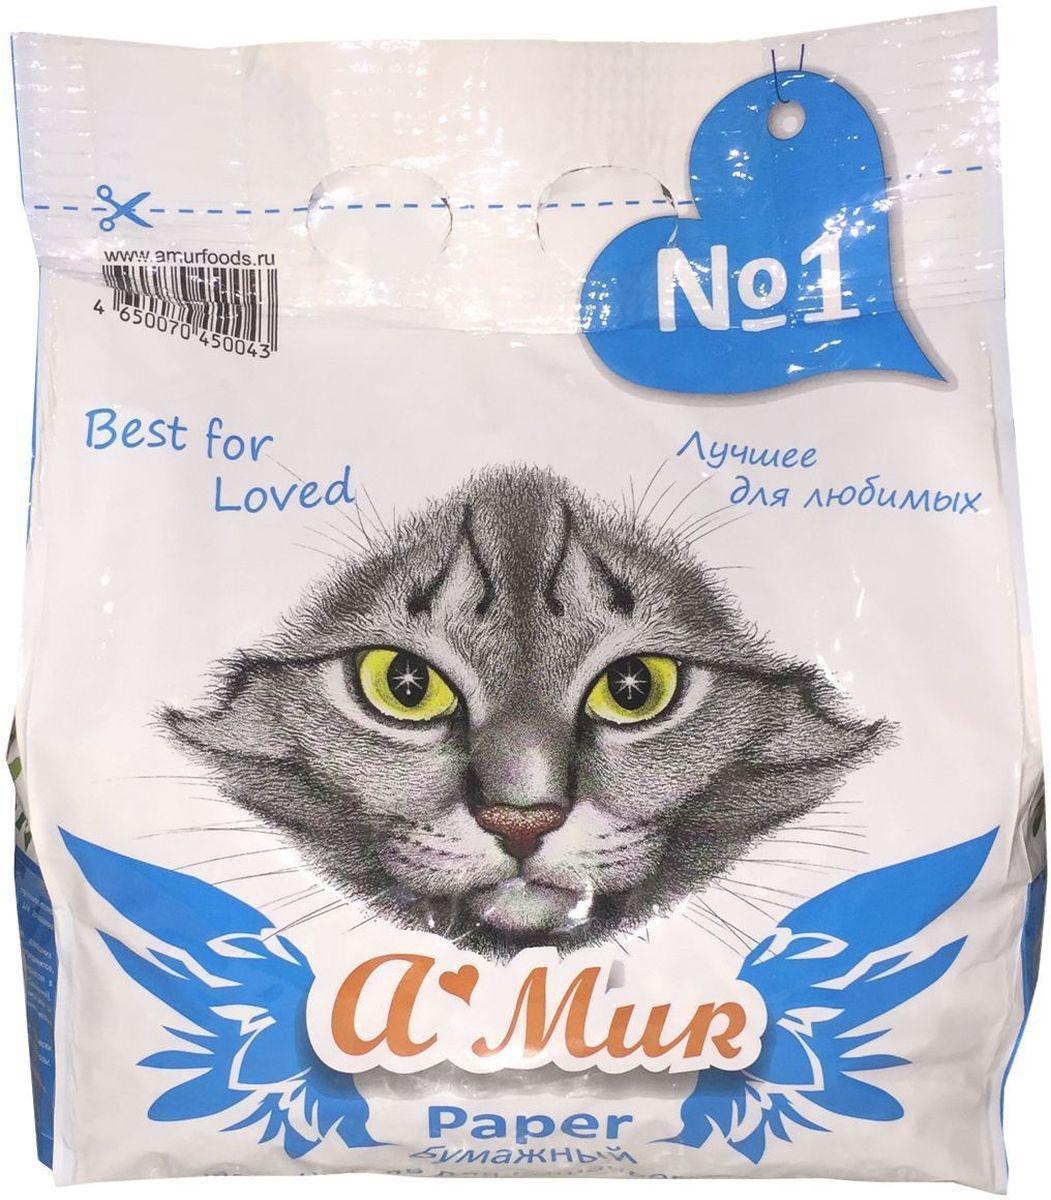 Наполнитель для кошачьего туалета AMUR Бумажный, 2,5 кг (5 л)50043В составе бумажного наполнителя А'Мур для кошачьего туалета содержатся только природные компоненты, не имеющие химического запаха. Гранулы приятны на ощупь и имеют слабый запах древесины - из-за этого они очень понравятся вашему любимцу.А'Мур полностью ликвидирует неприятные ароматы.